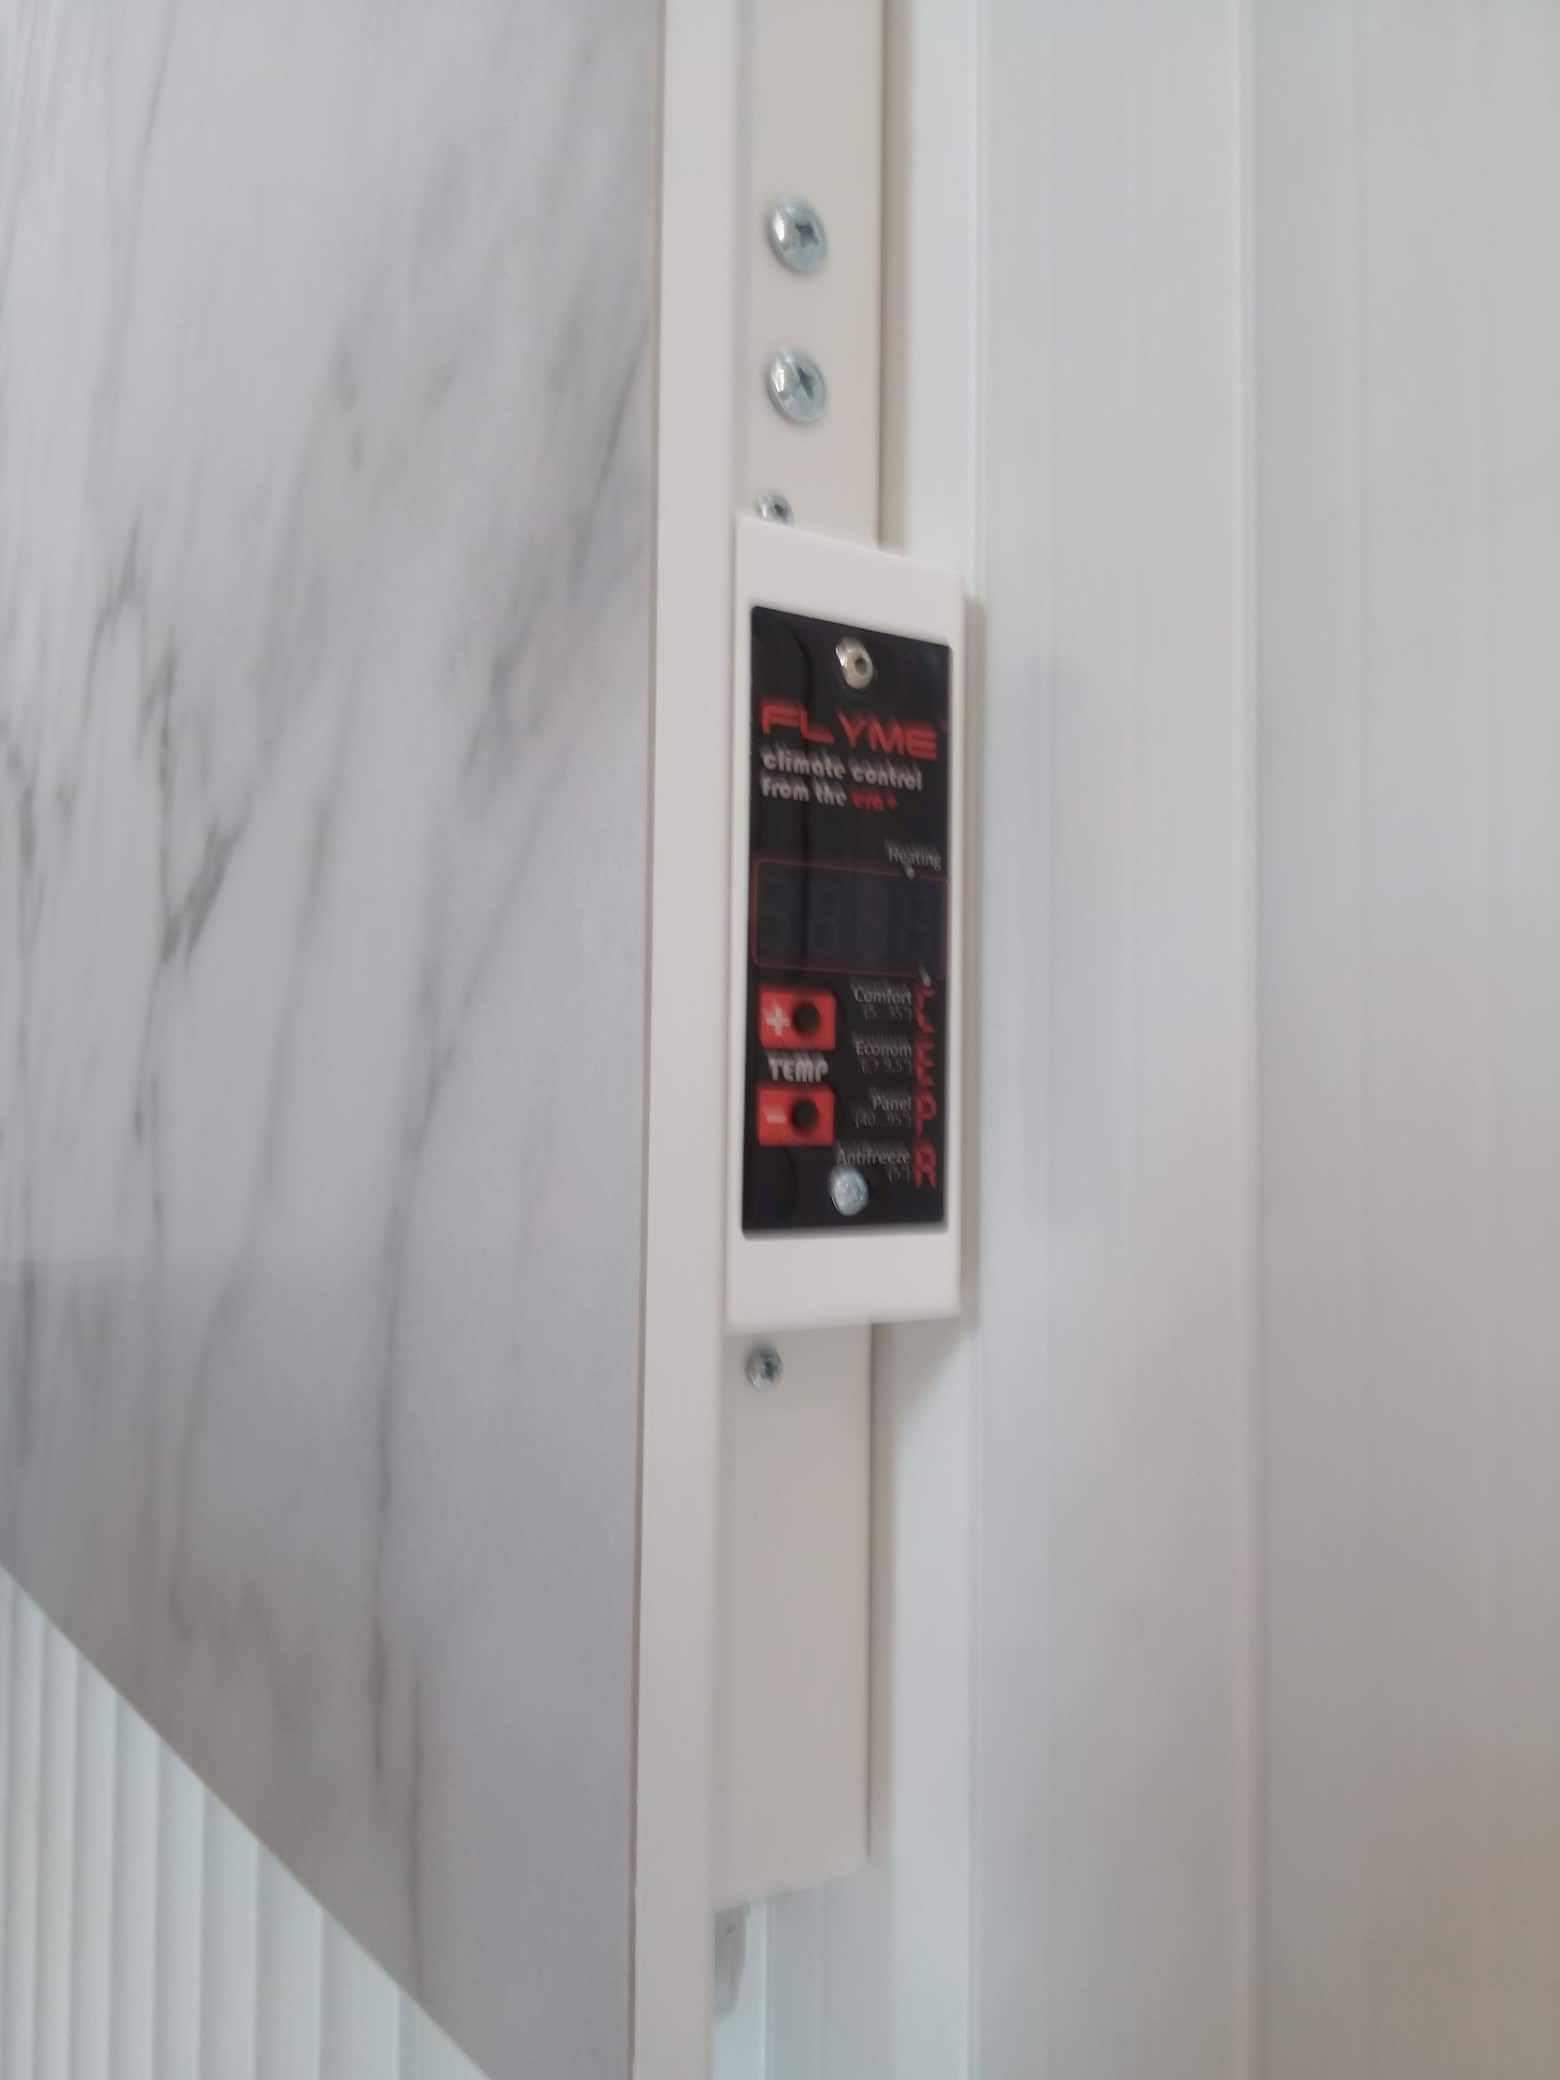 Термопрограмматор с суточной программой температуры в комнате для електрической керамической панели Флайм белого цвета